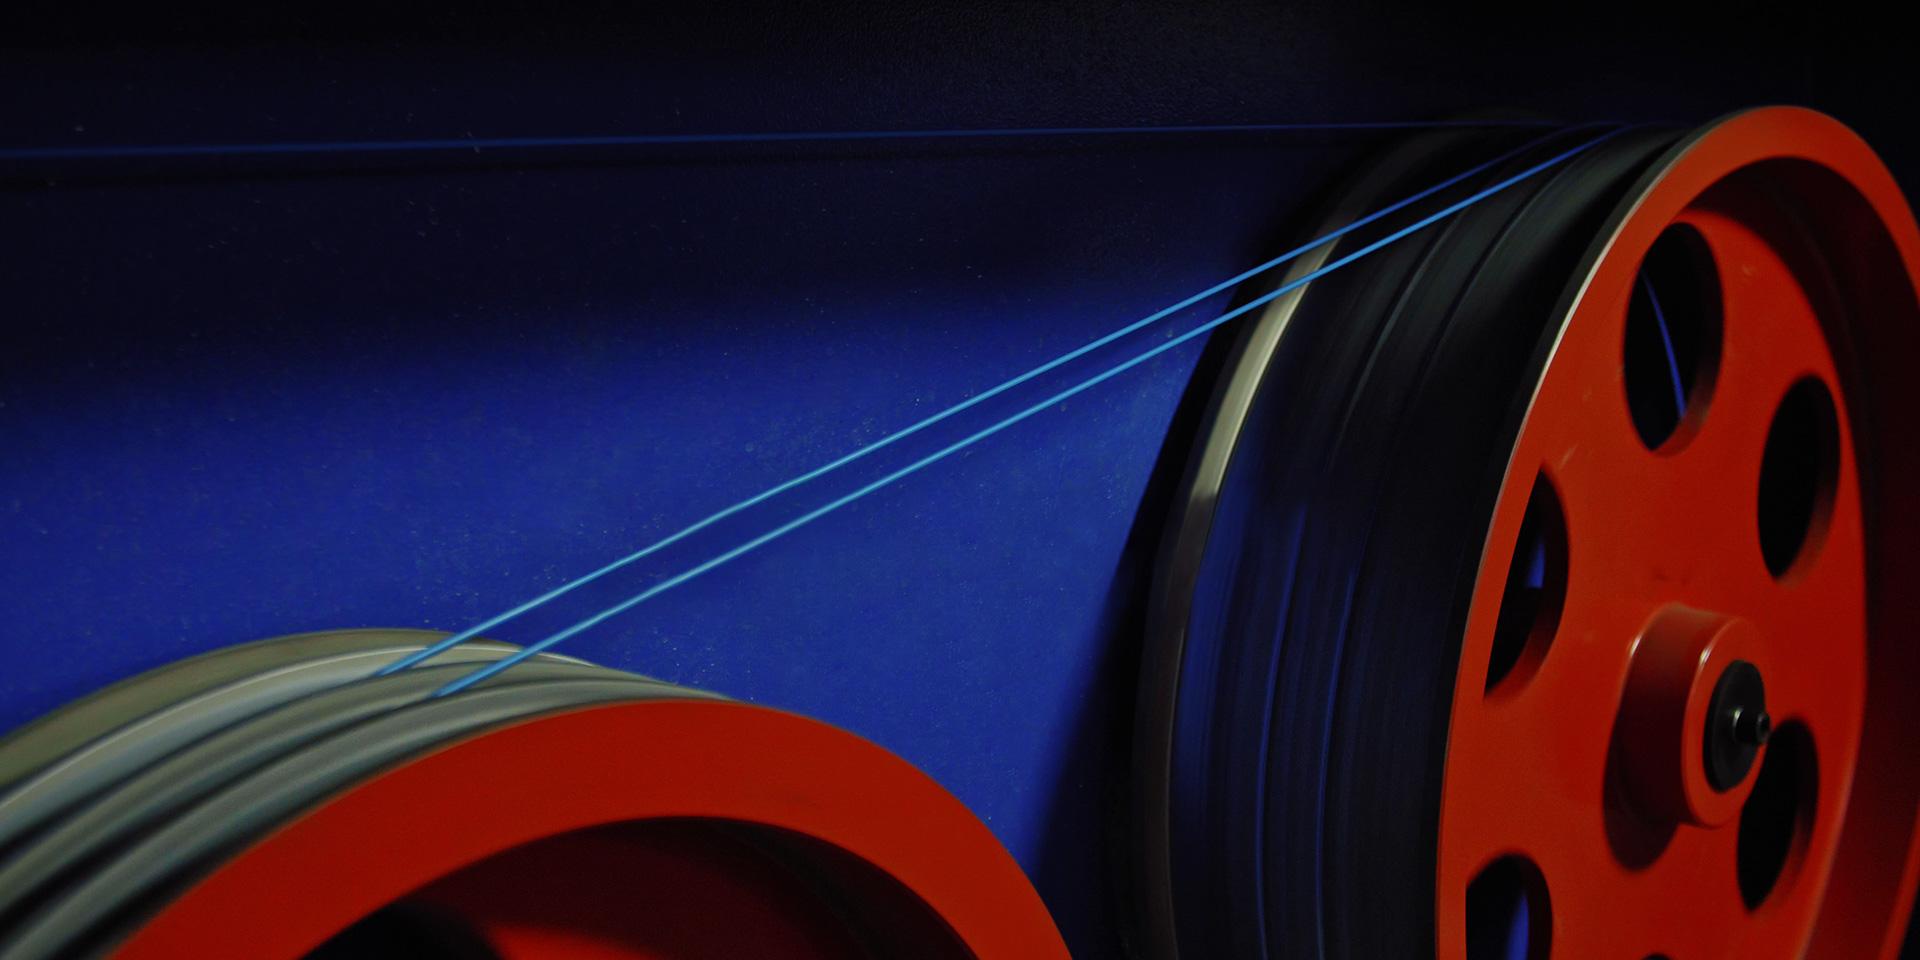 用创新铸就更高品质电缆产品